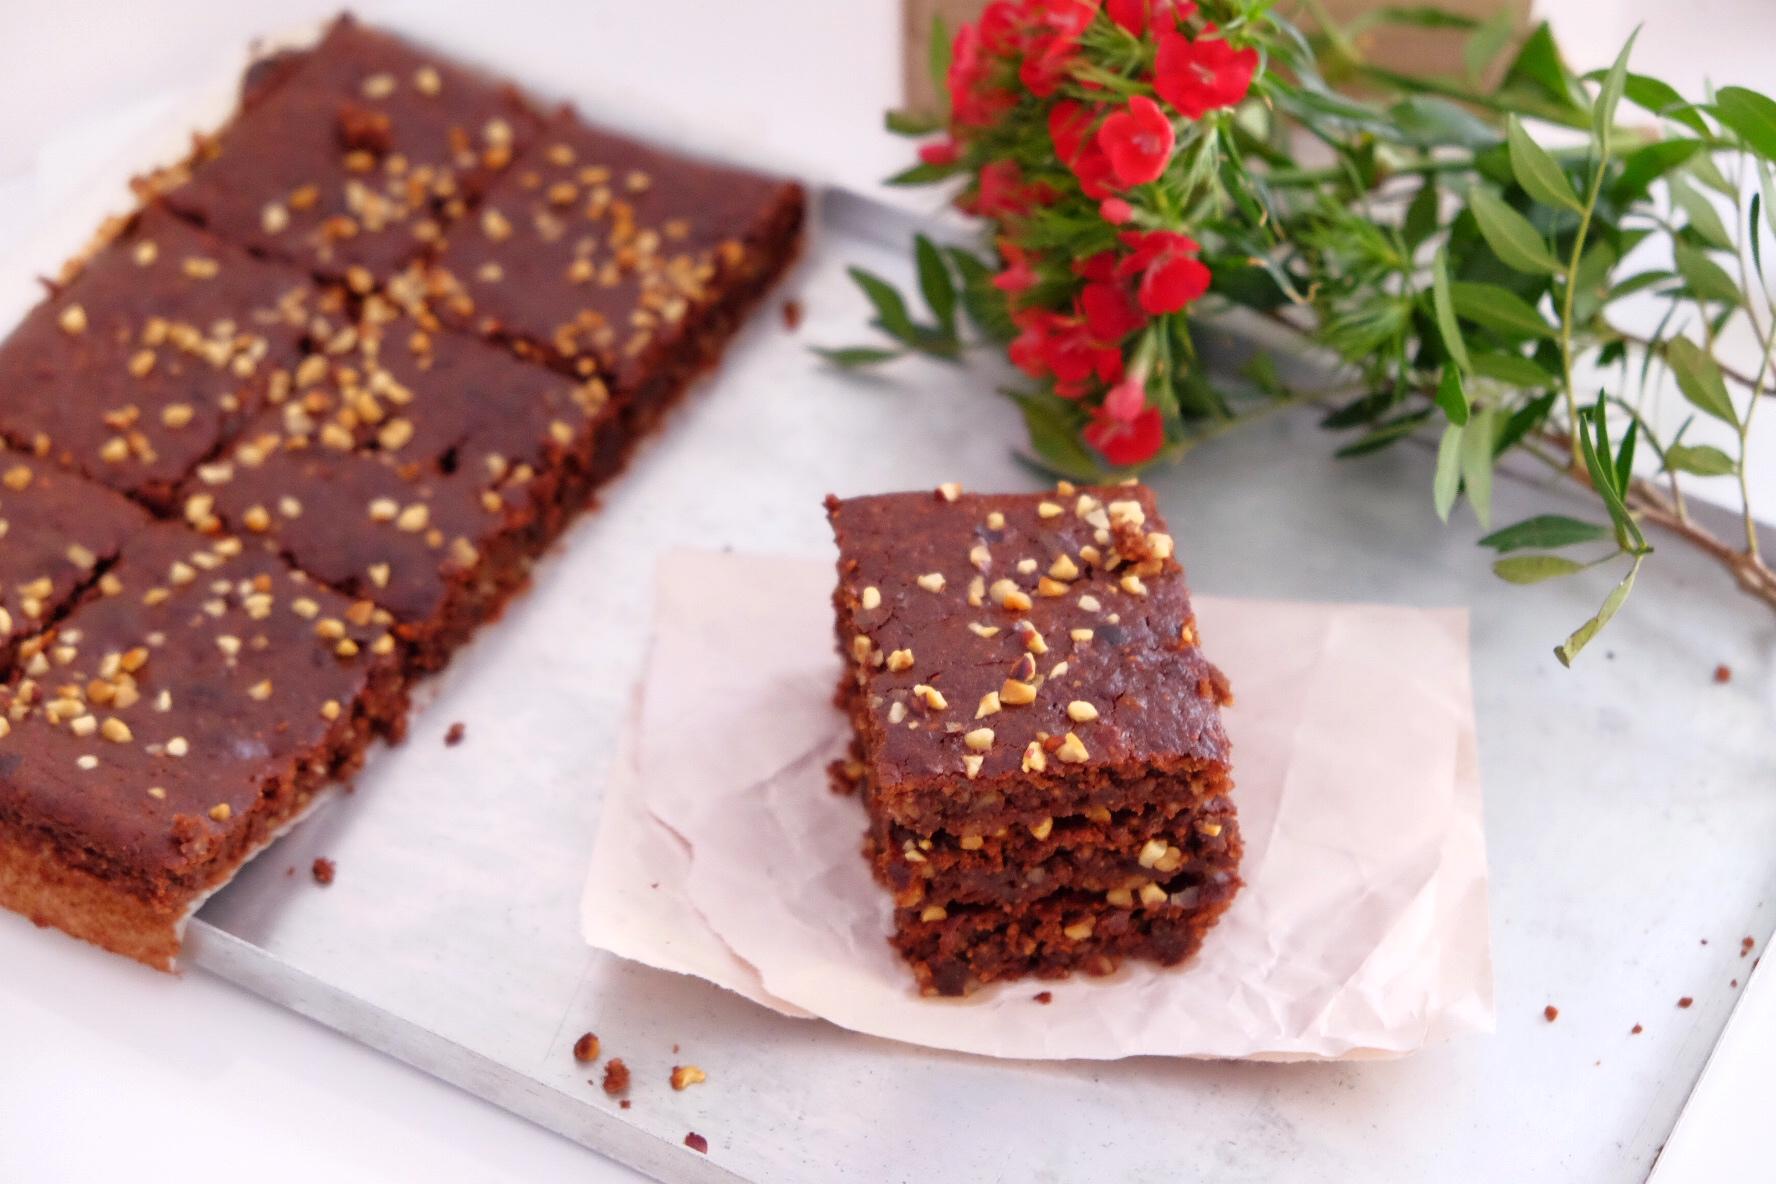 Nuestro delicioso pastel sin gluten y azúcar añadido